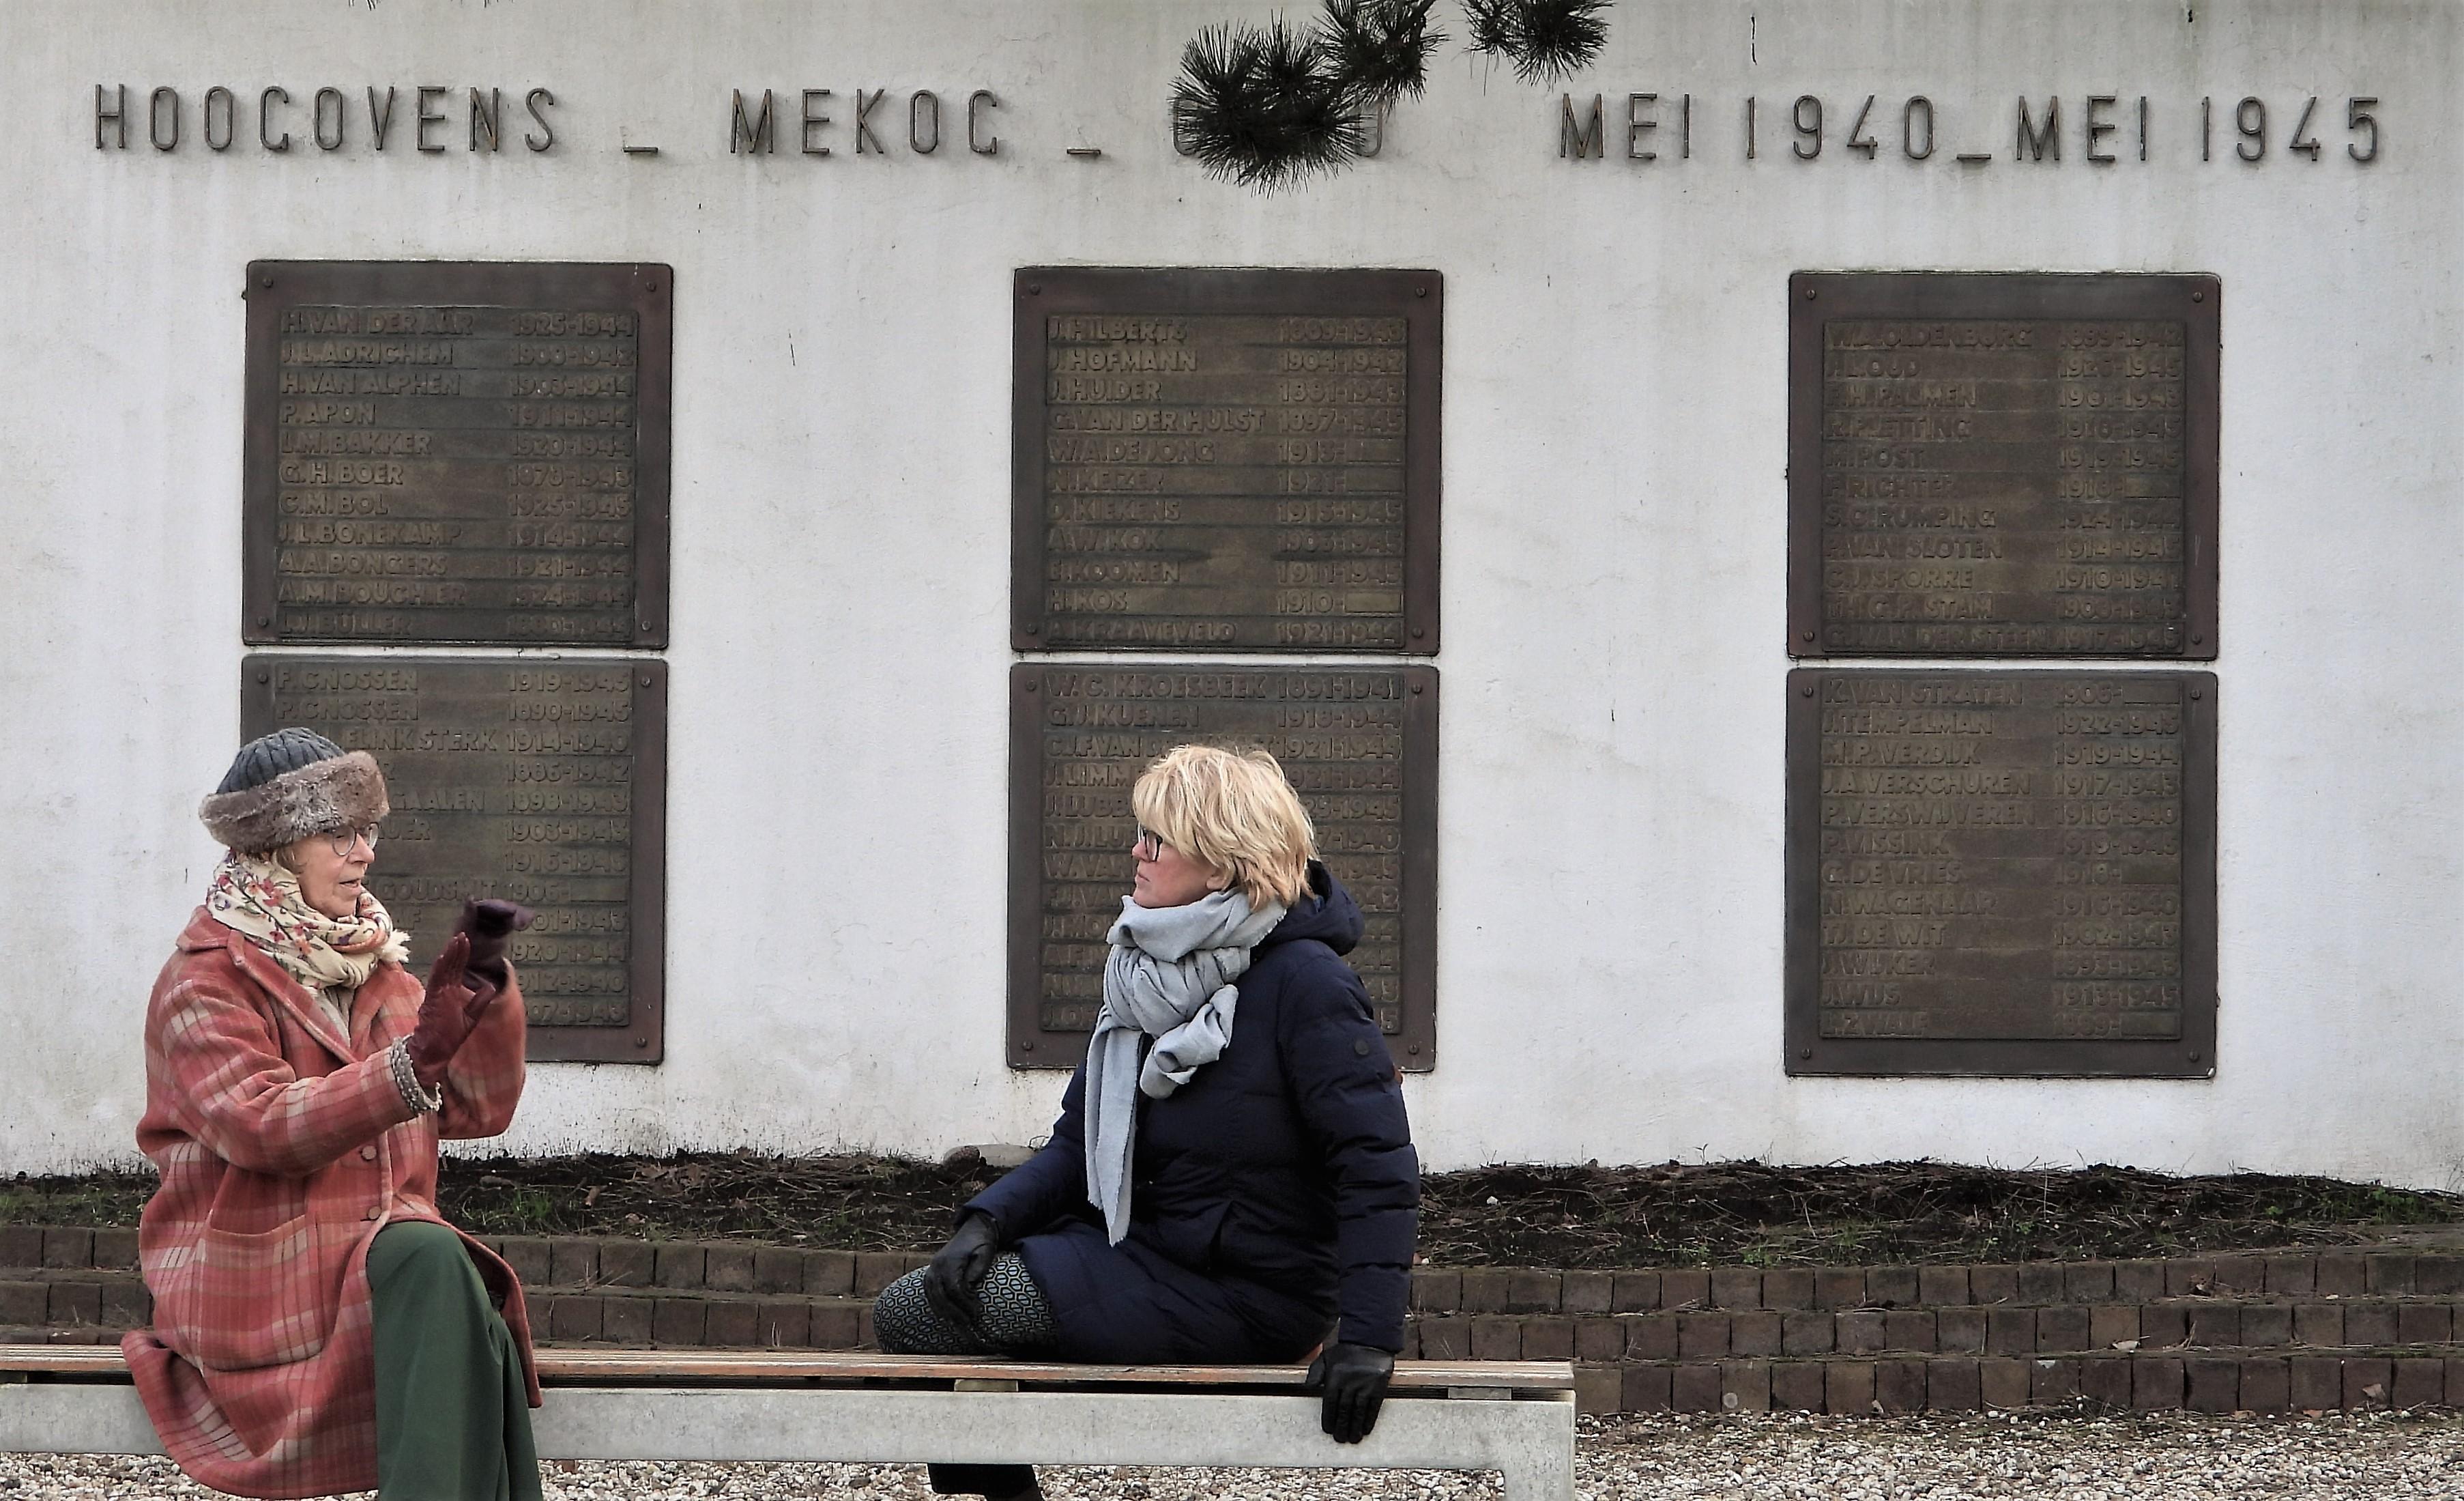 Verzetsheld Witte Ko krijgt plantsoen bij de Hoogovens, waar hij na de oorlog werd weggestuurd omdat hij een communist was